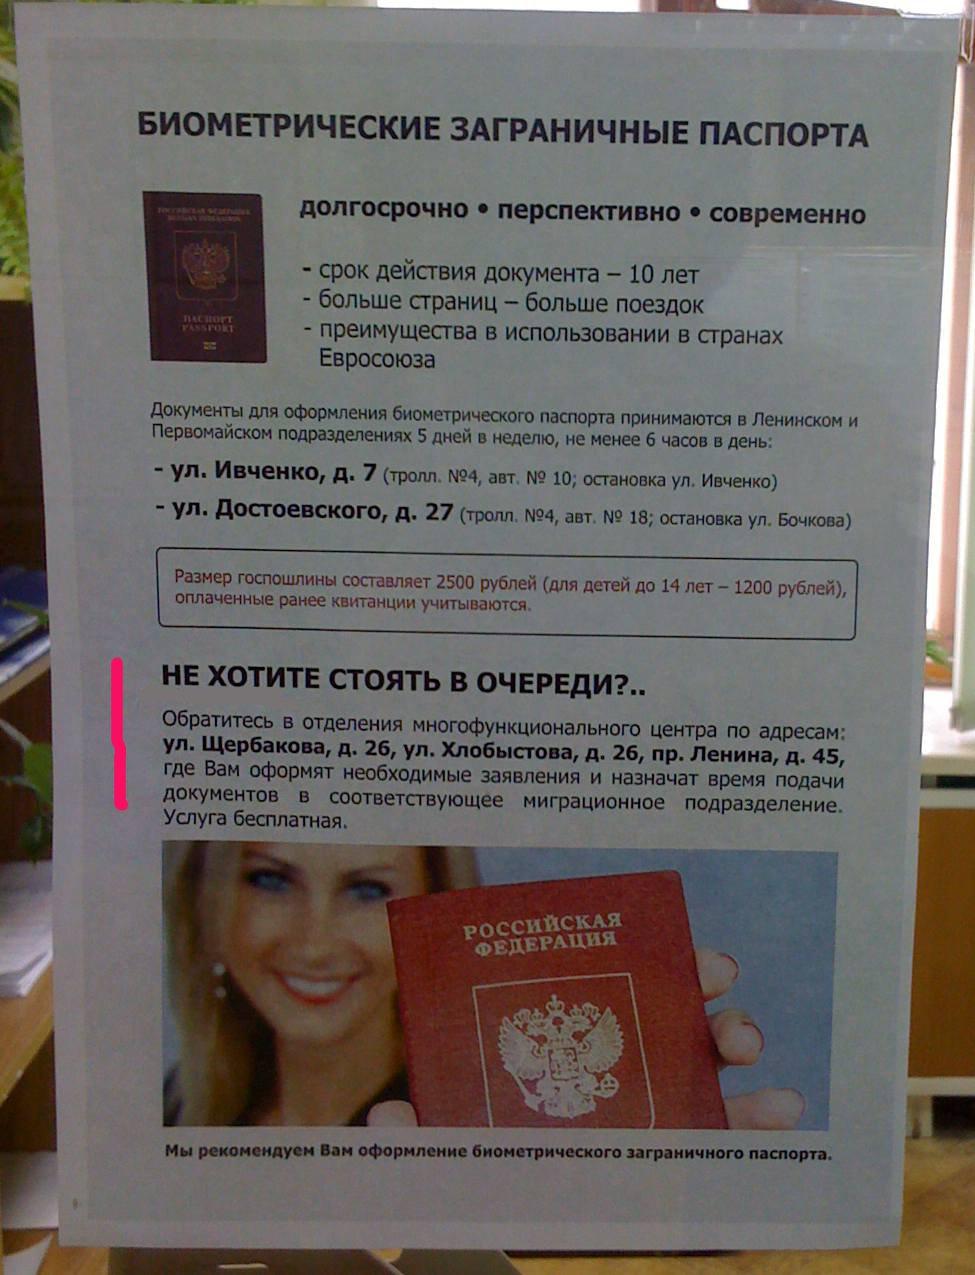 Как сделать быстро загранпаспорт в СПб 759